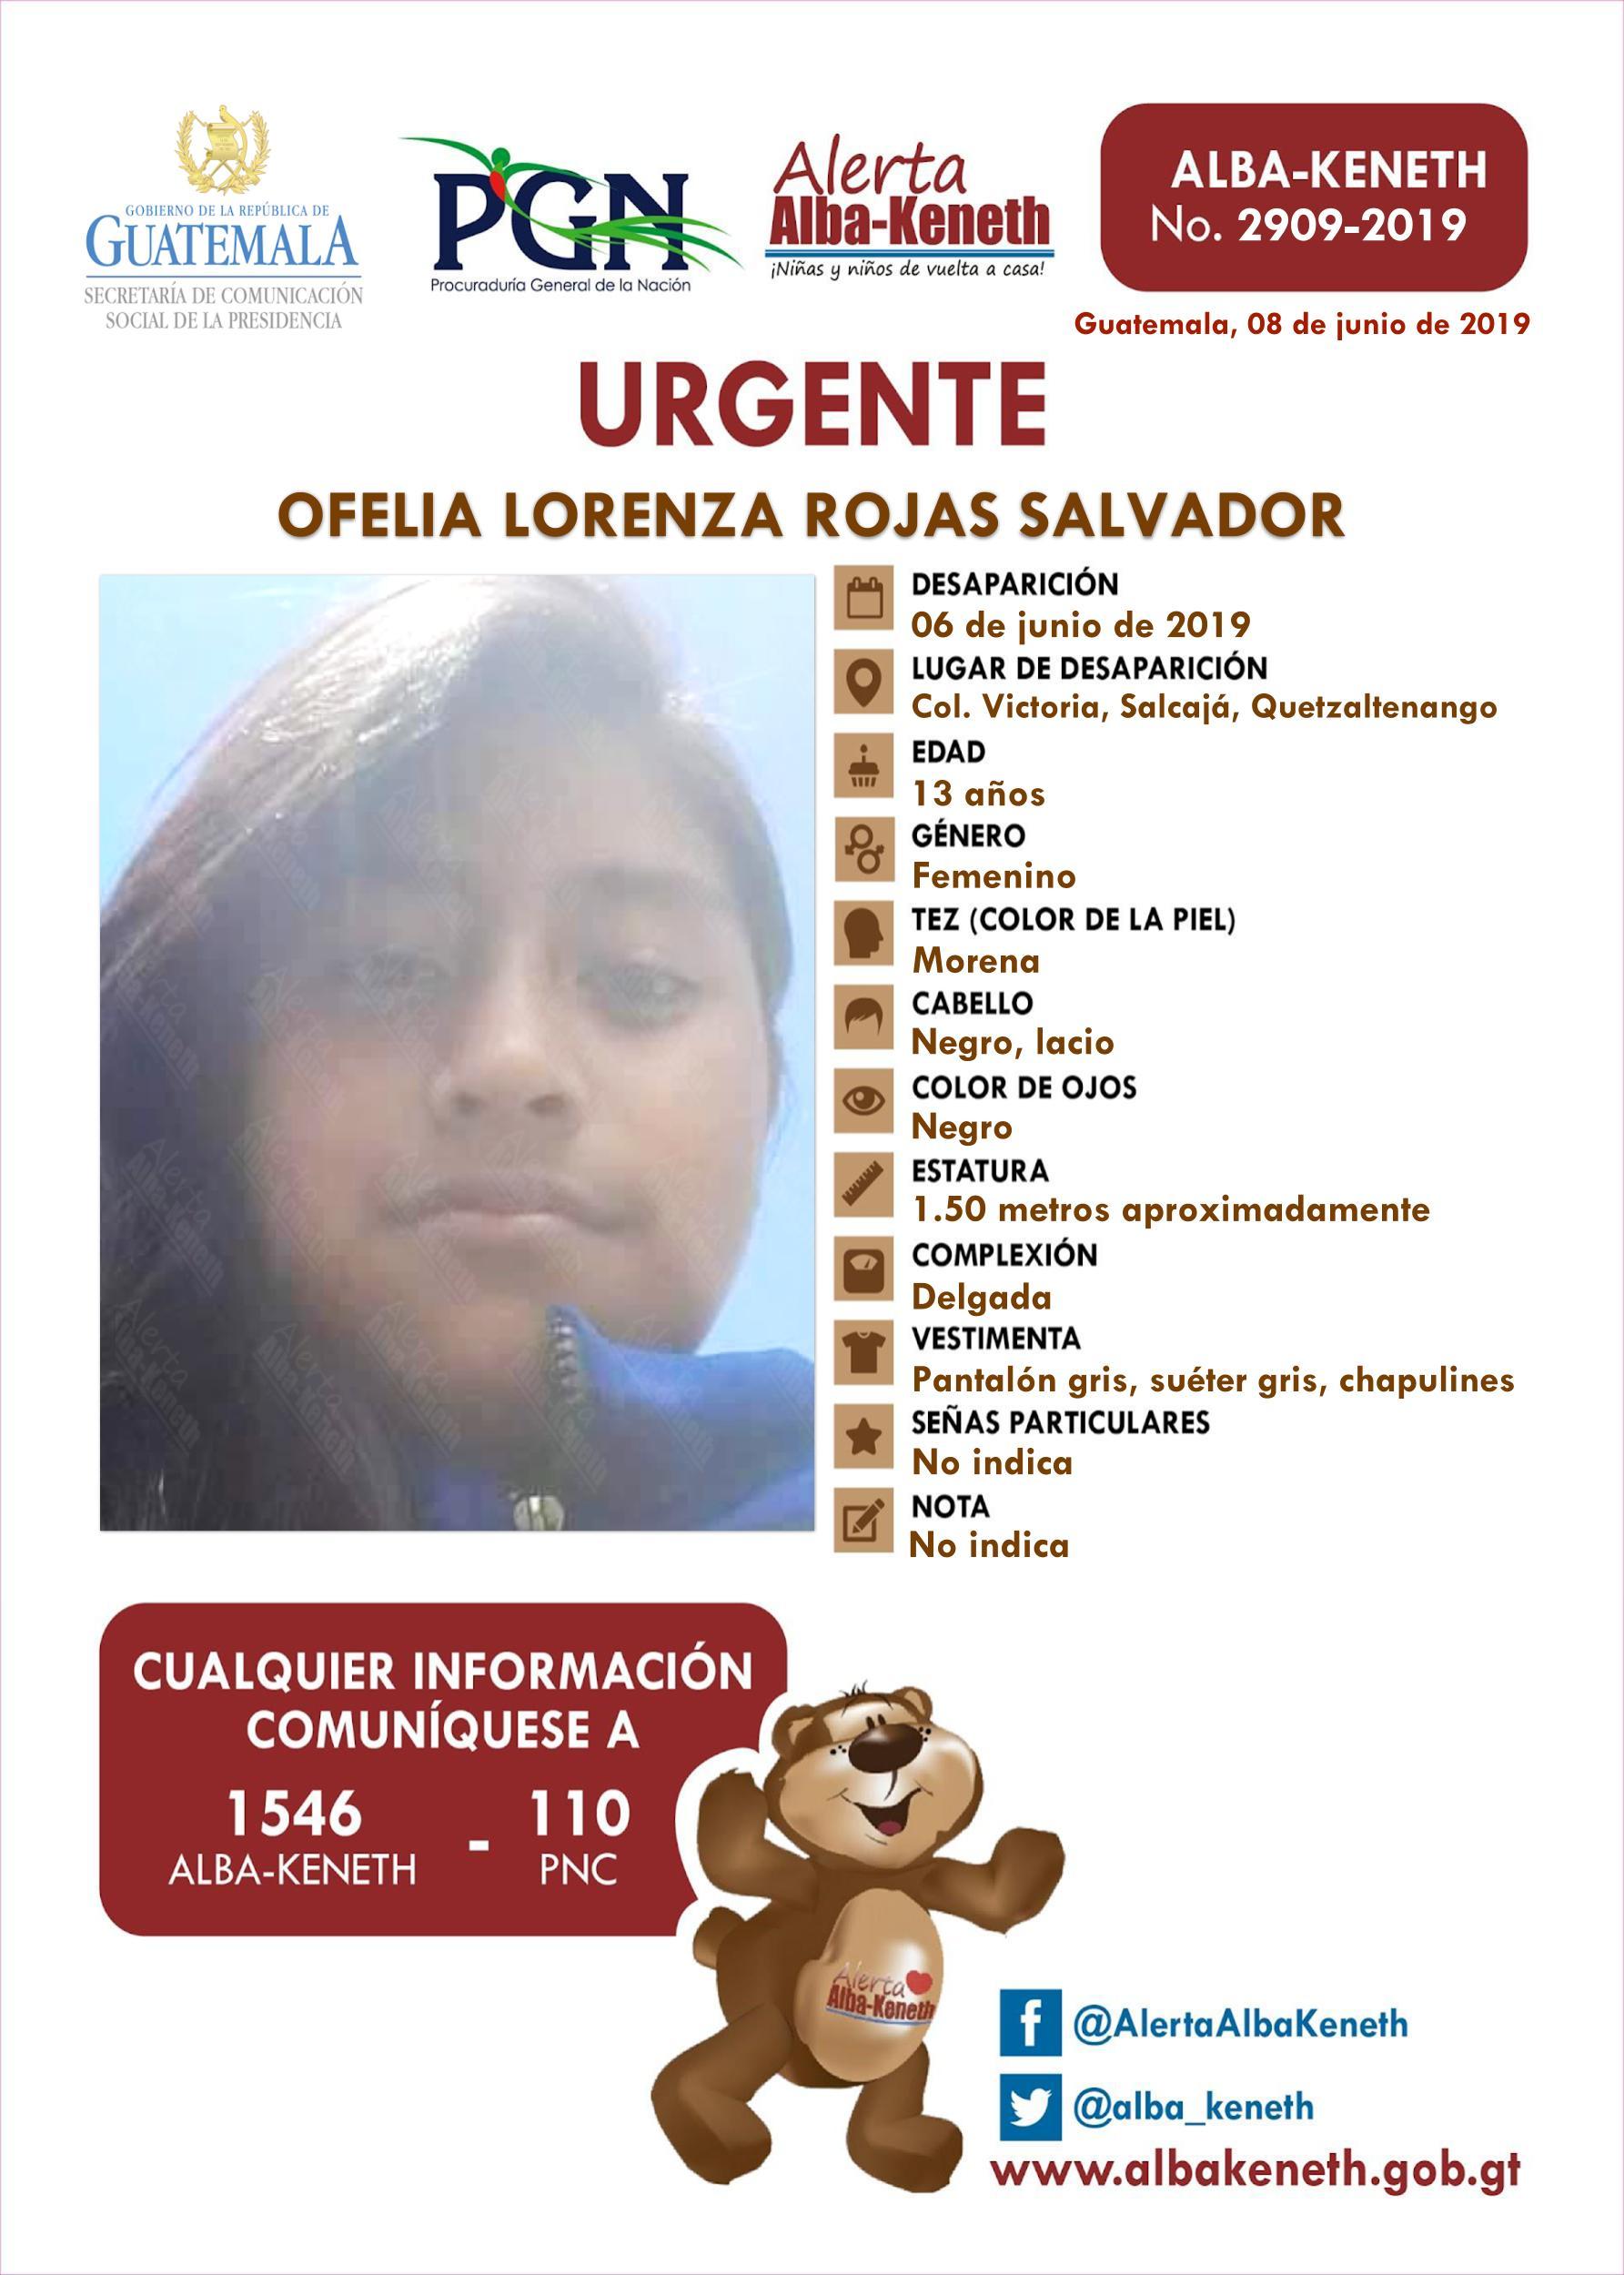 Ofelia Lorenza Rojas Salvador